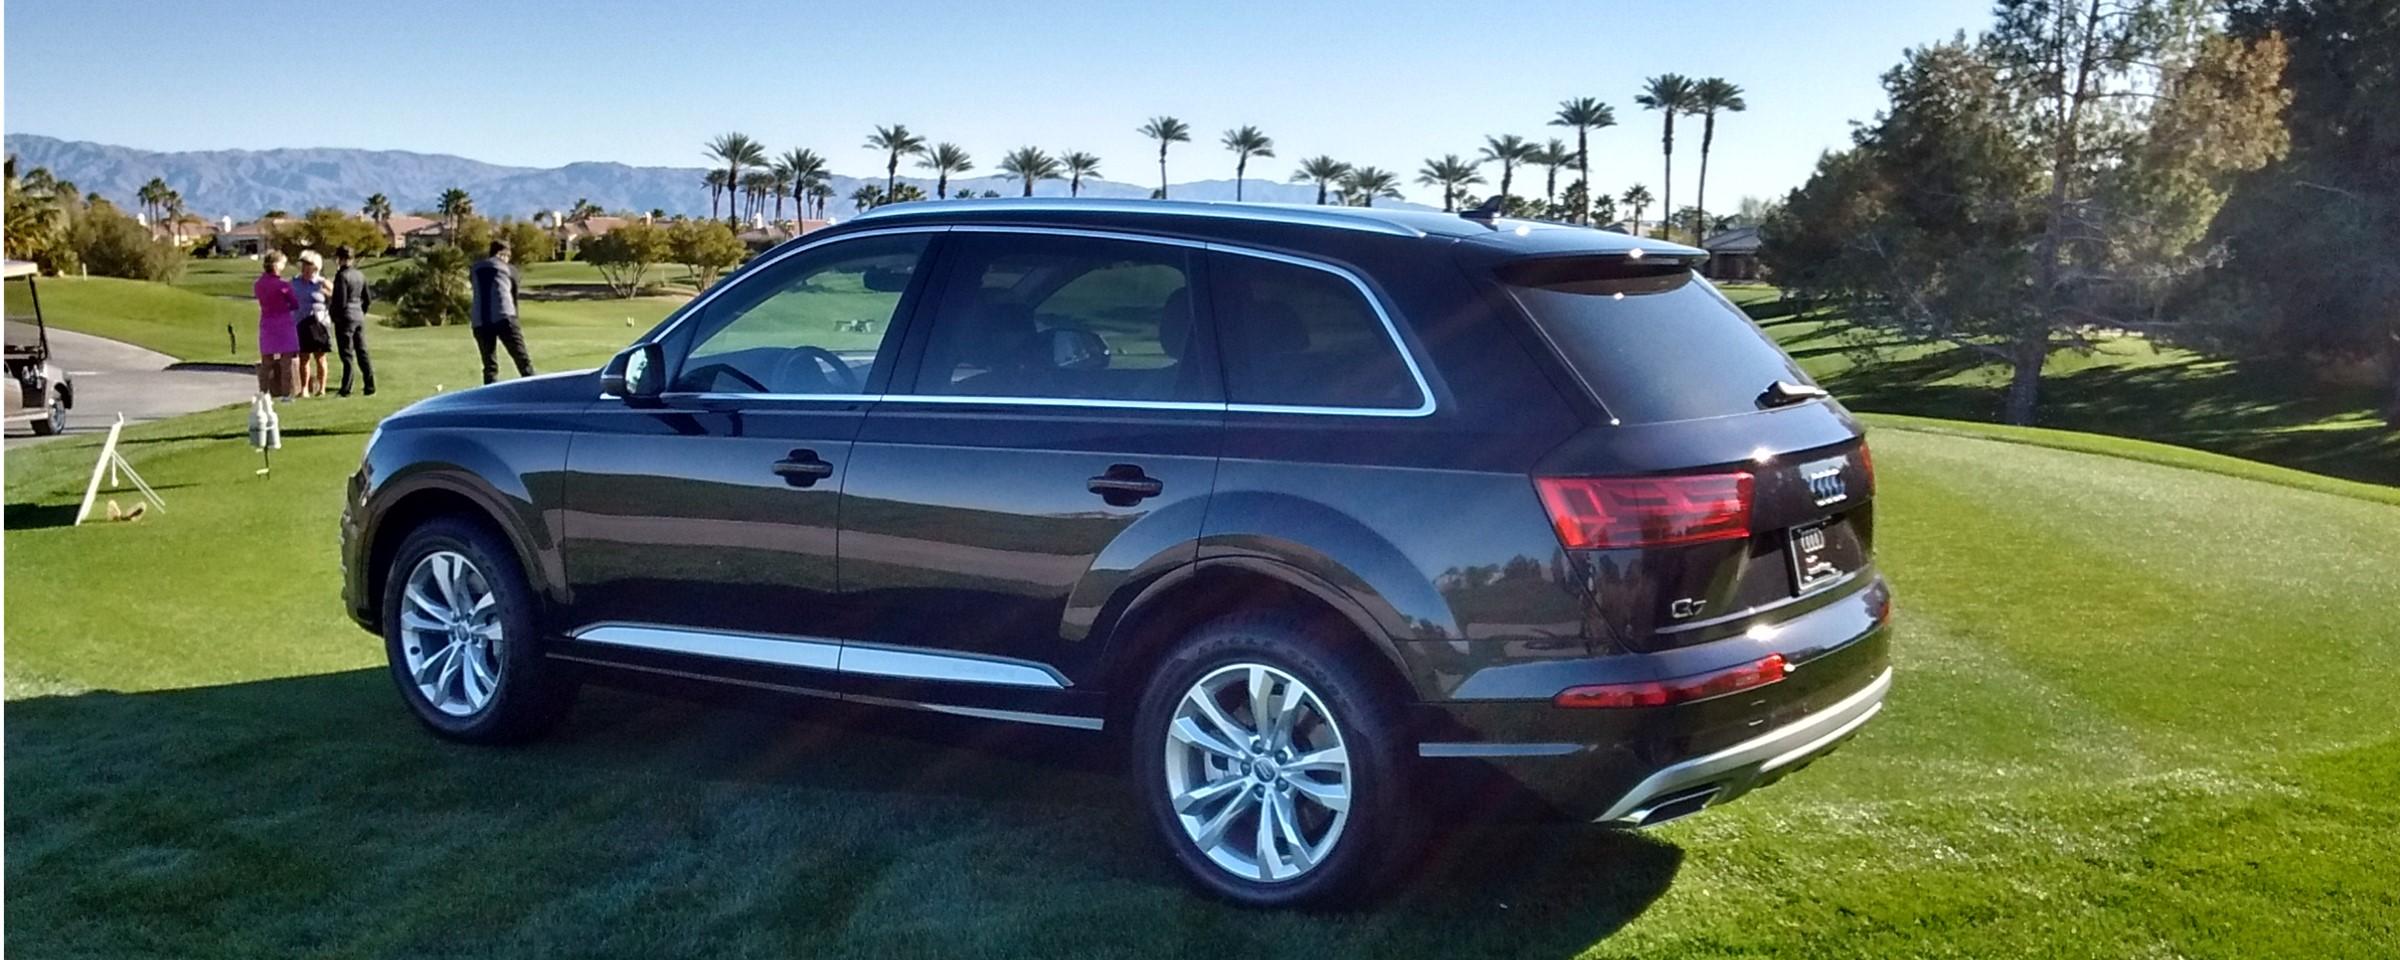 Mountain View Audi